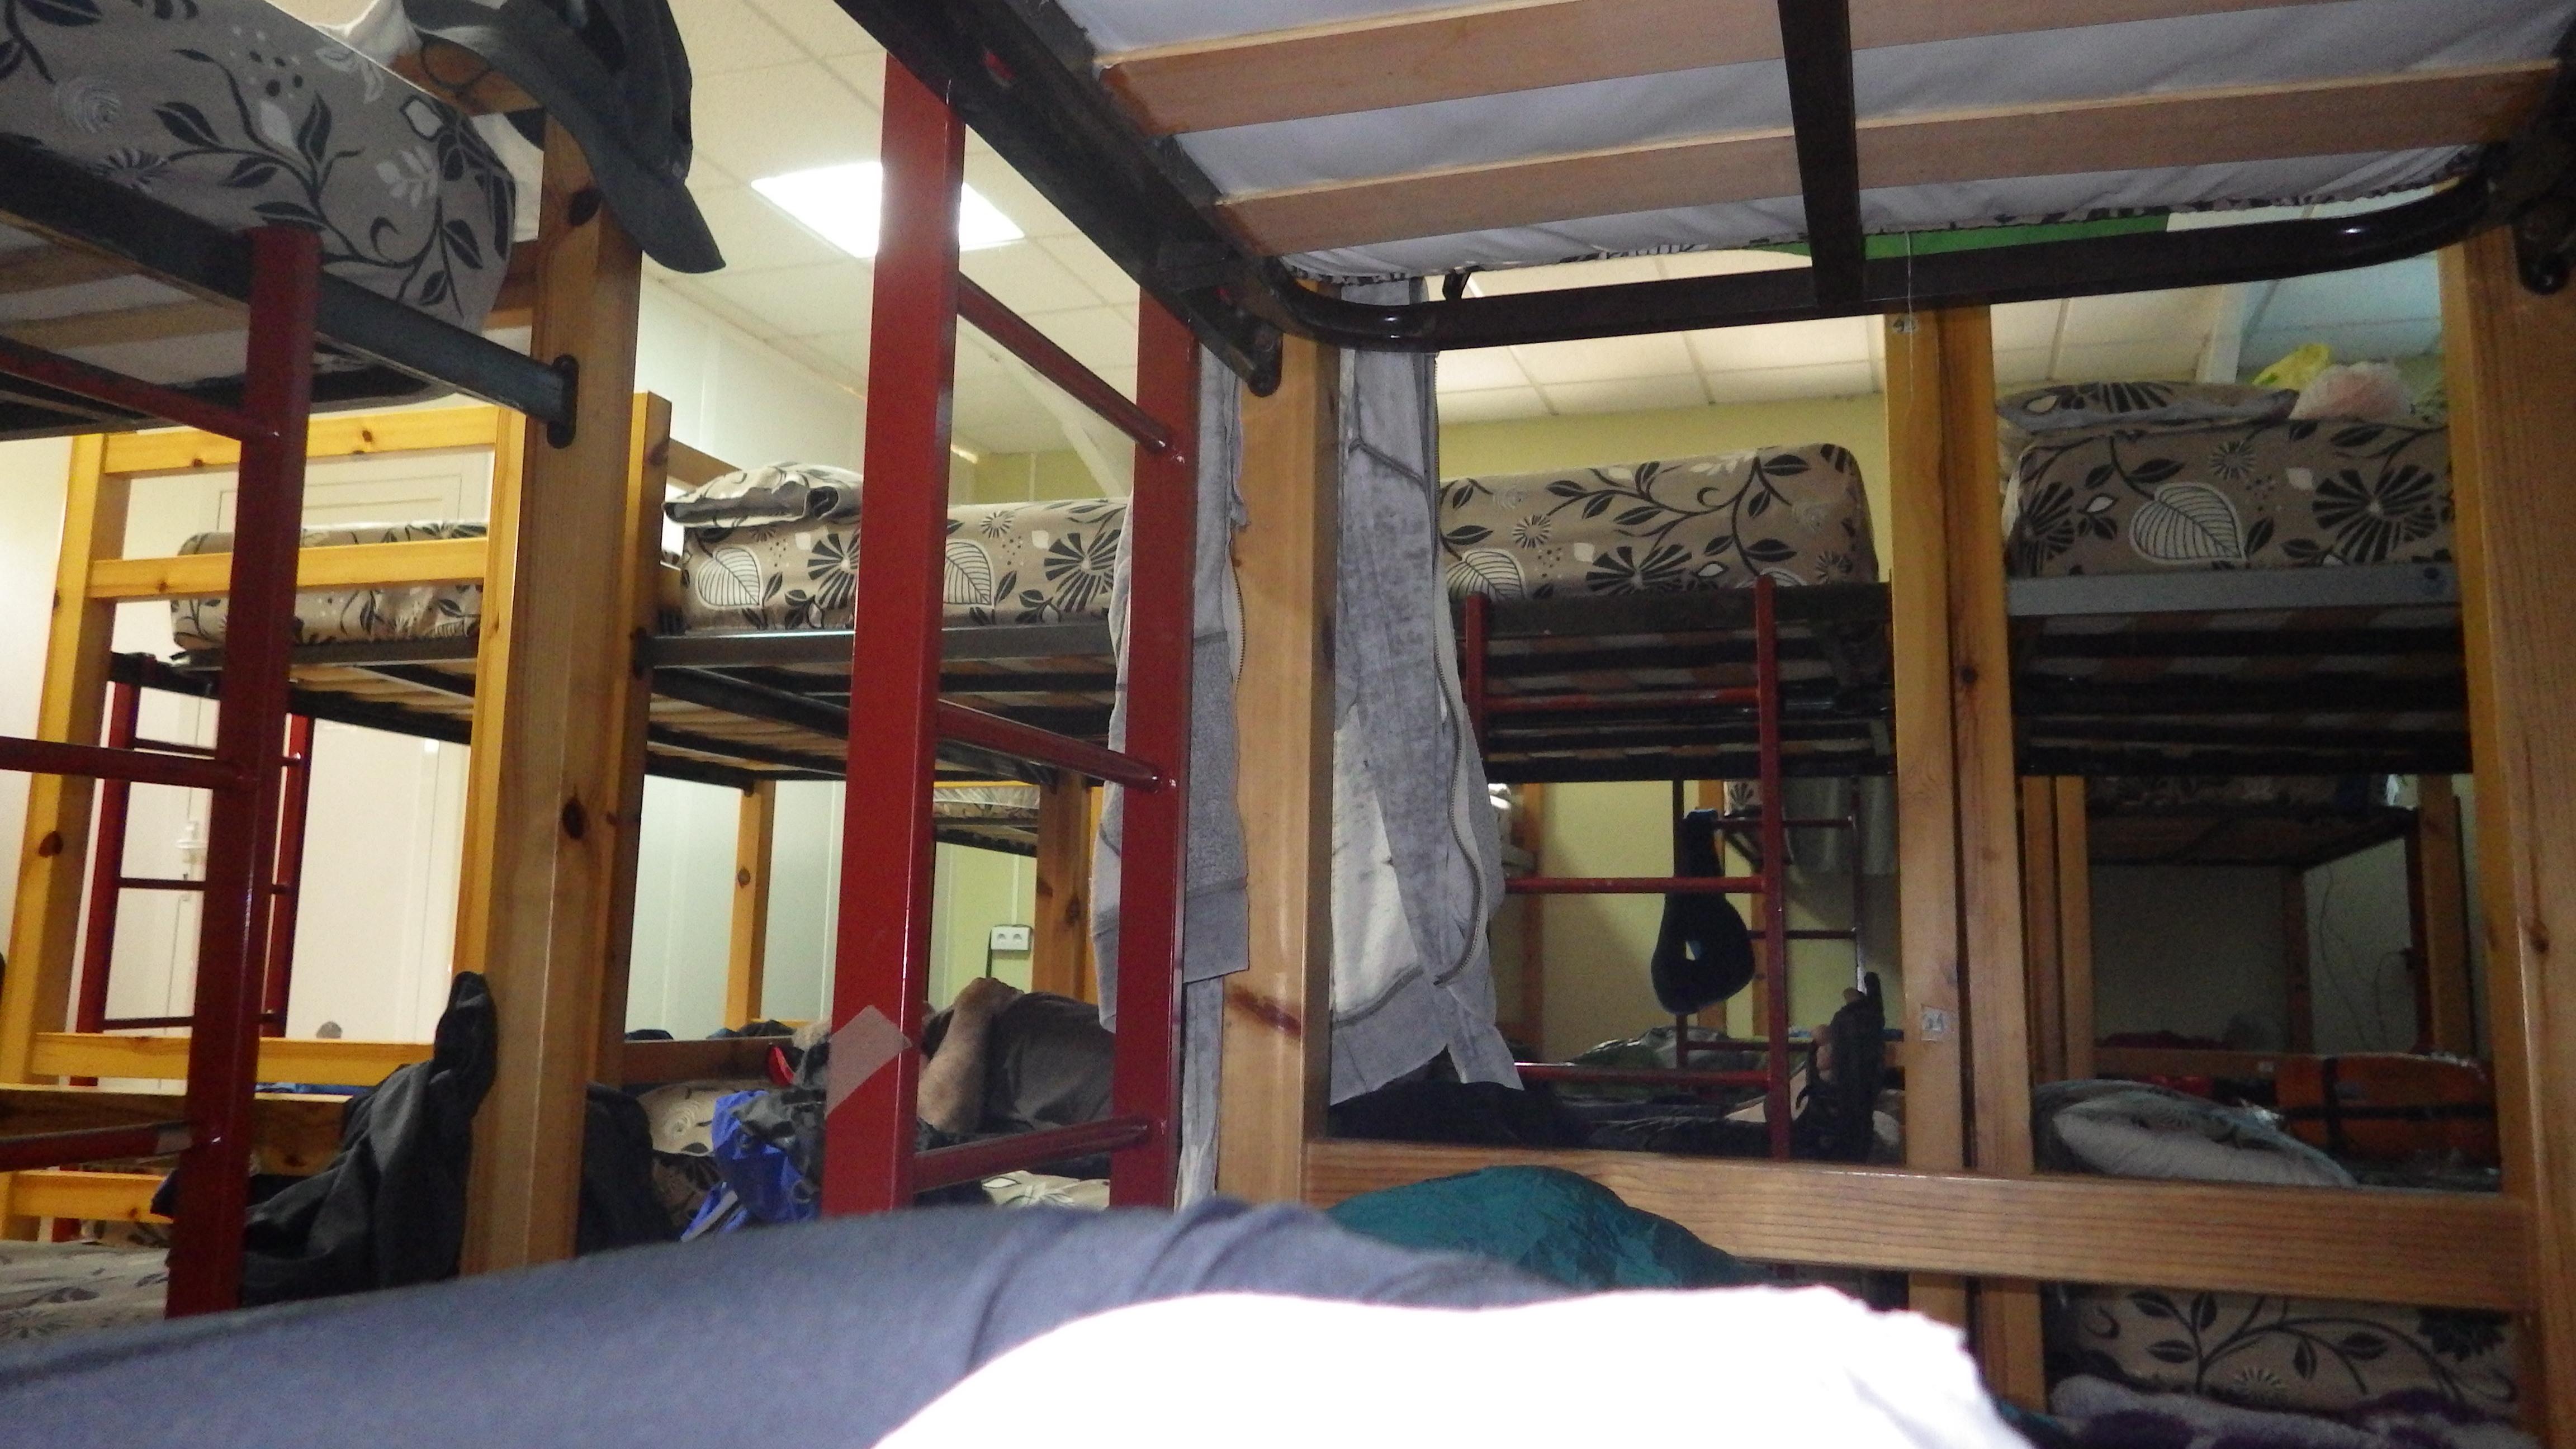 100 beds in 1 room